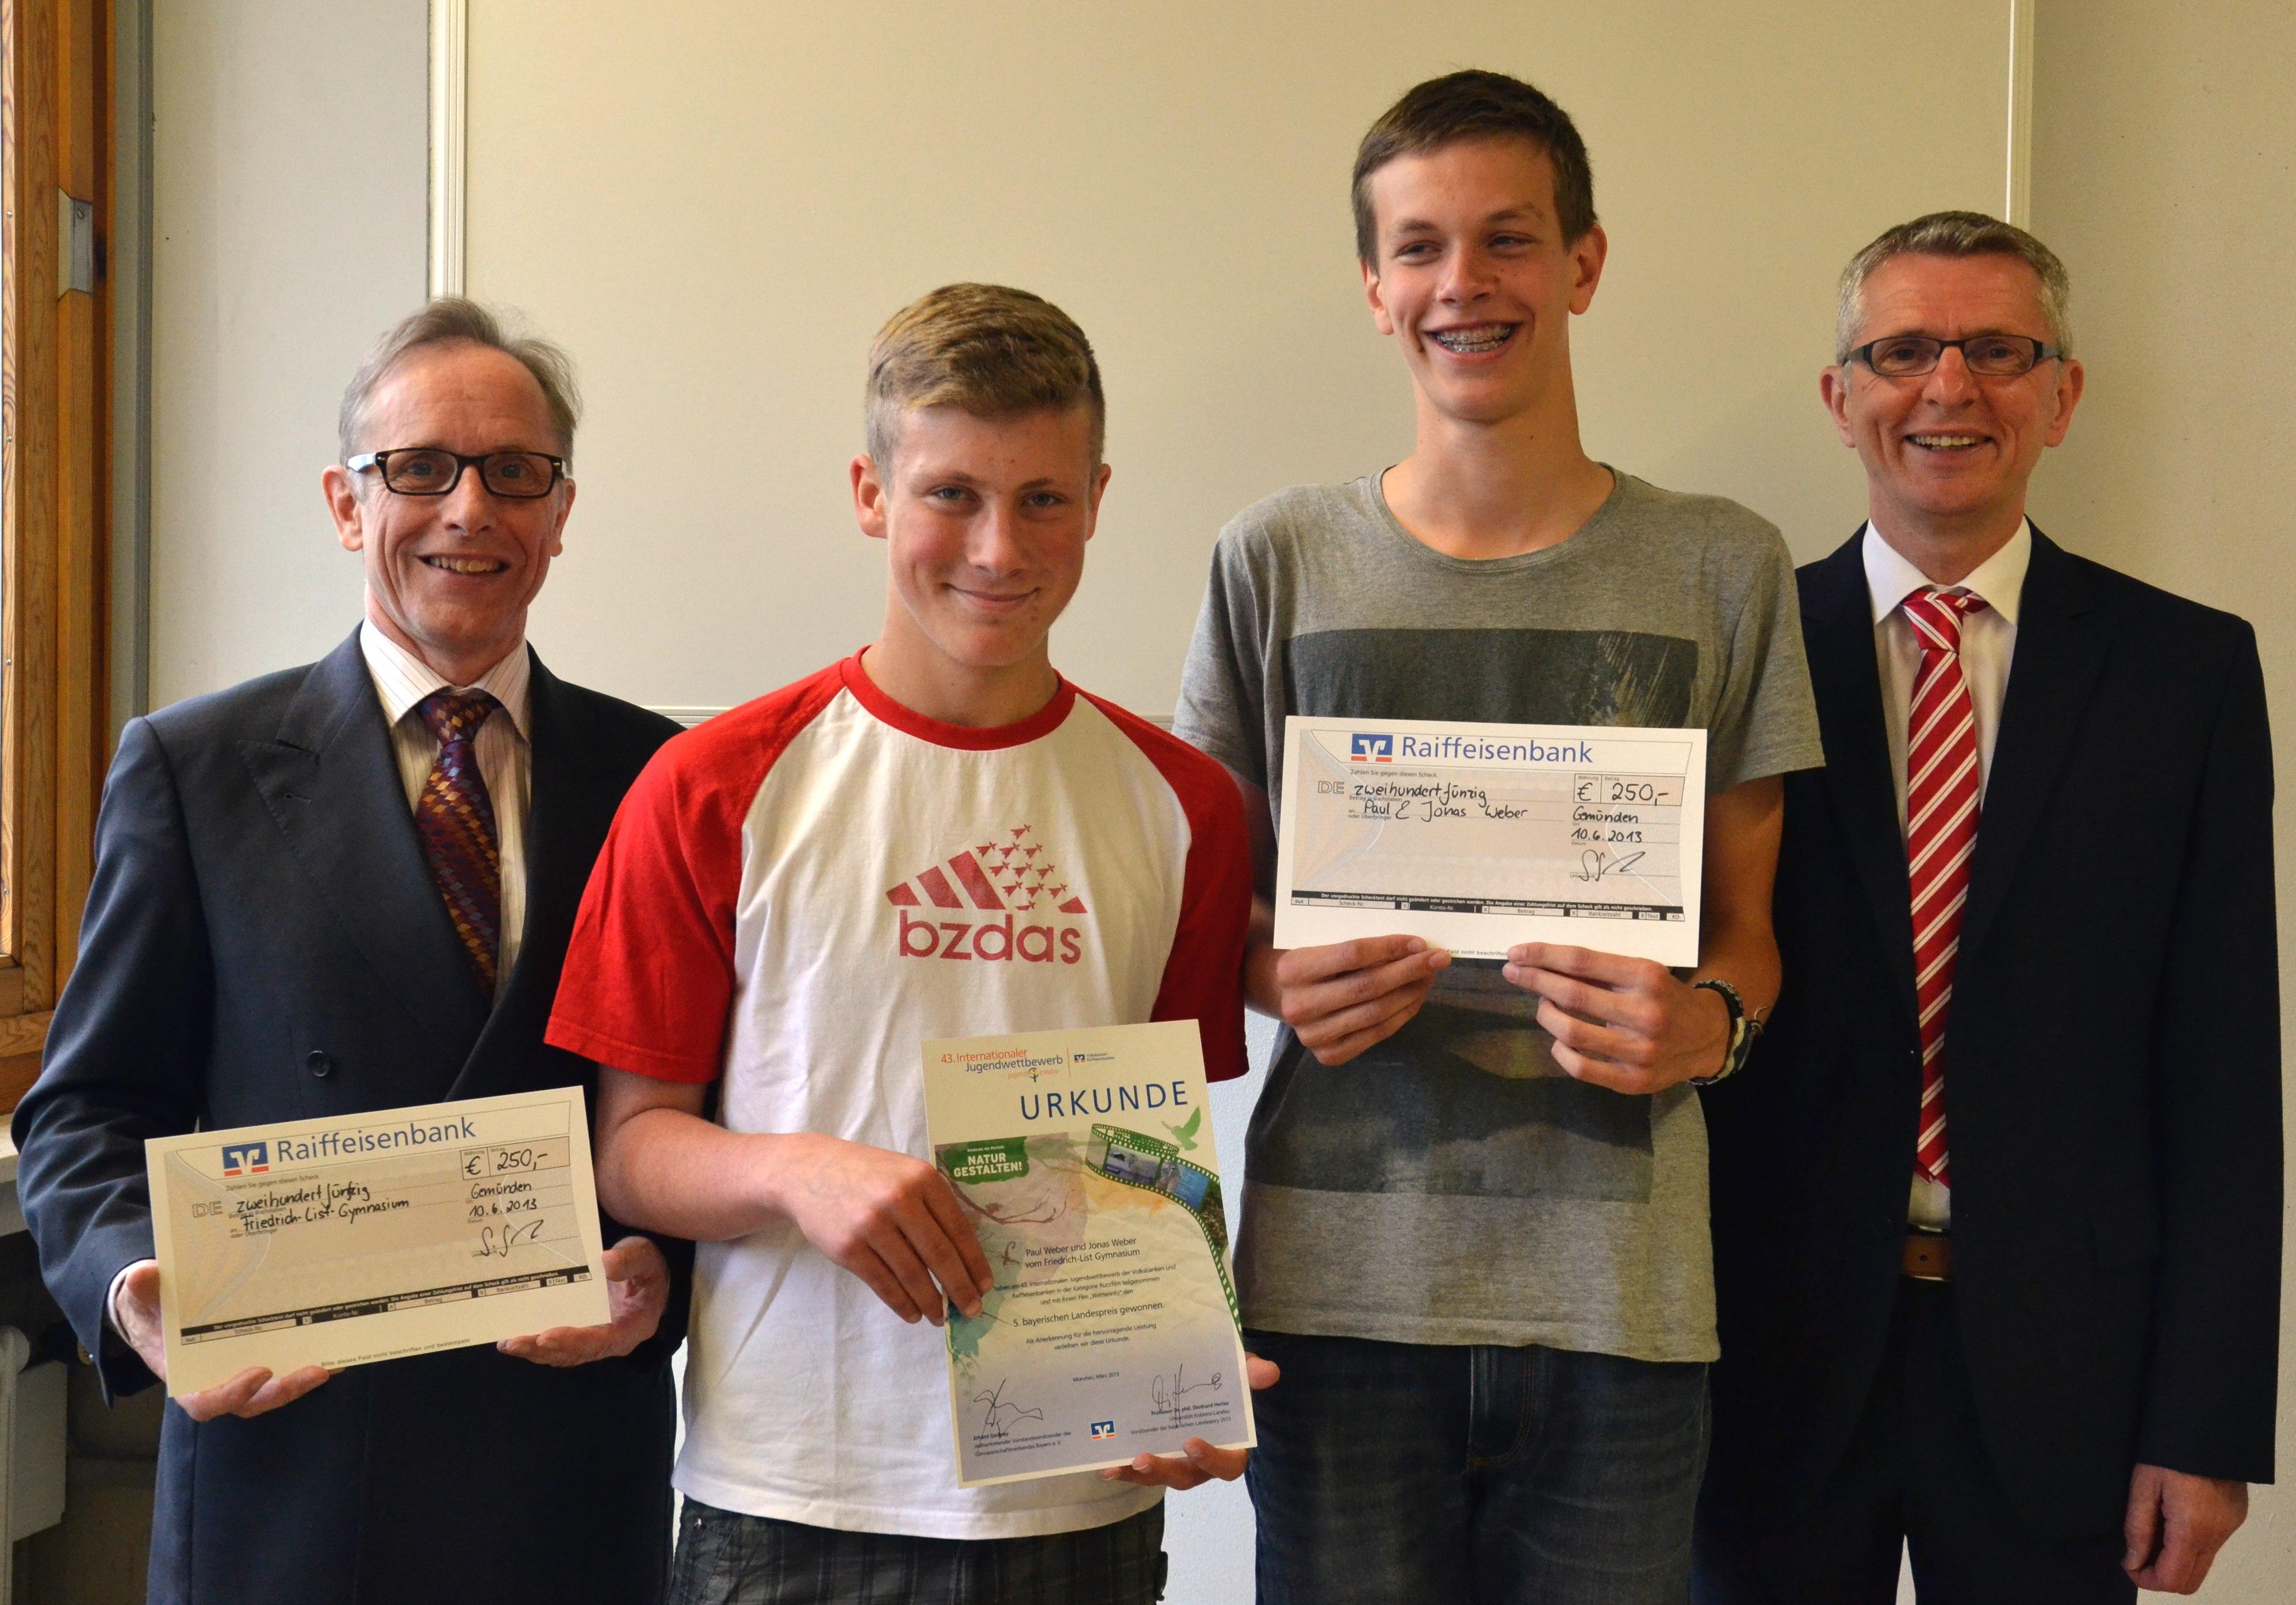 Die Preisträger Mit Schulleiter Walter Fronczek (links) Und Dieter Hechelmann (rechts)